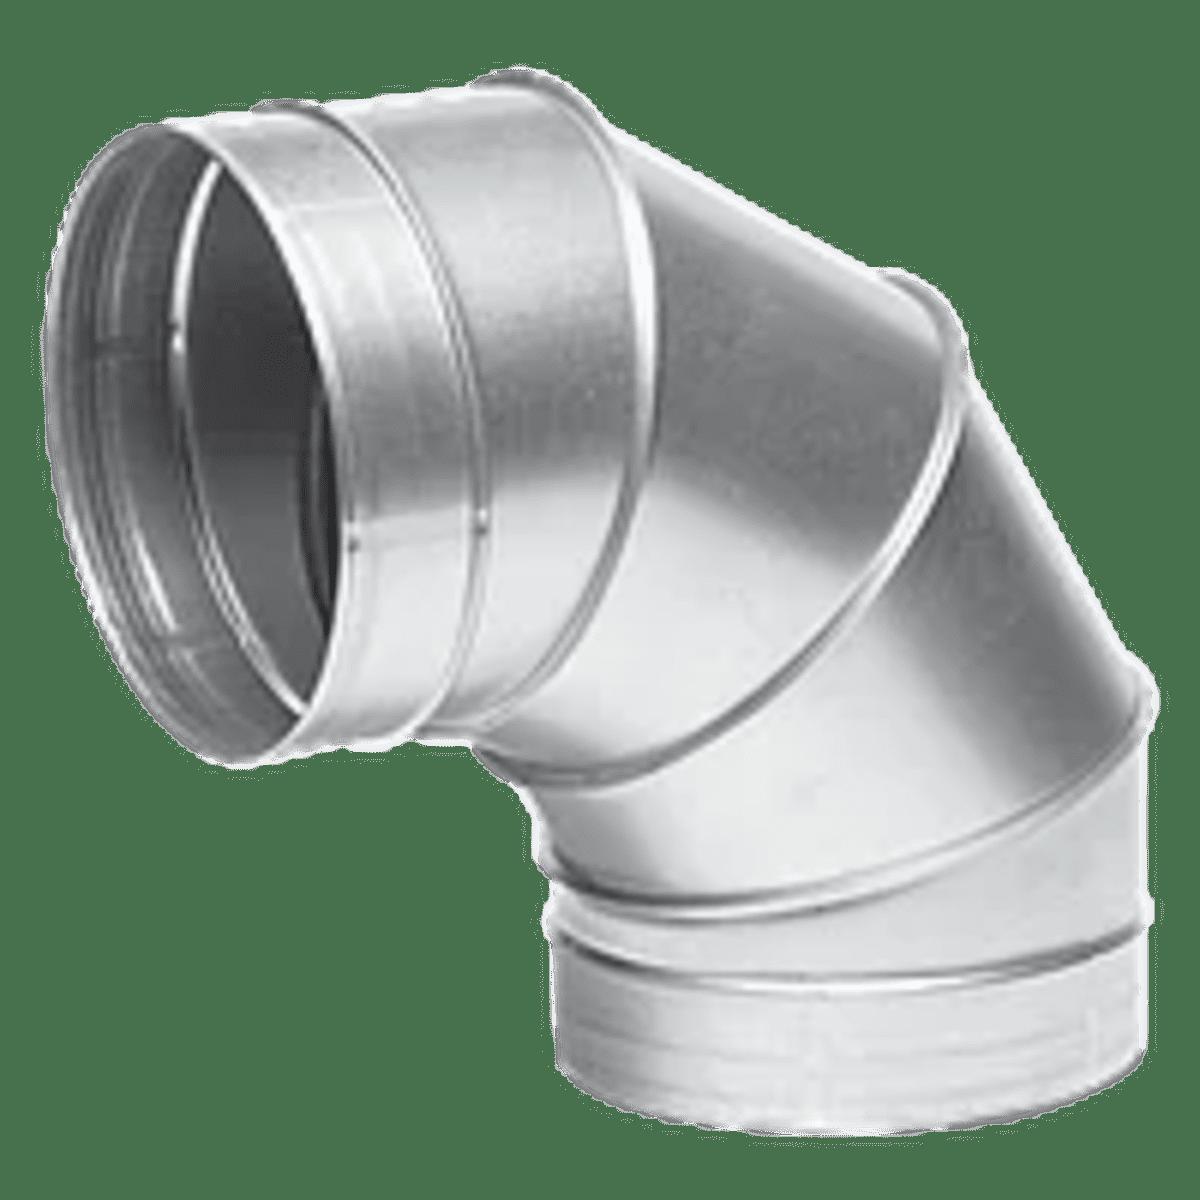 Преимущества воздуховодов из оцинкованной стали